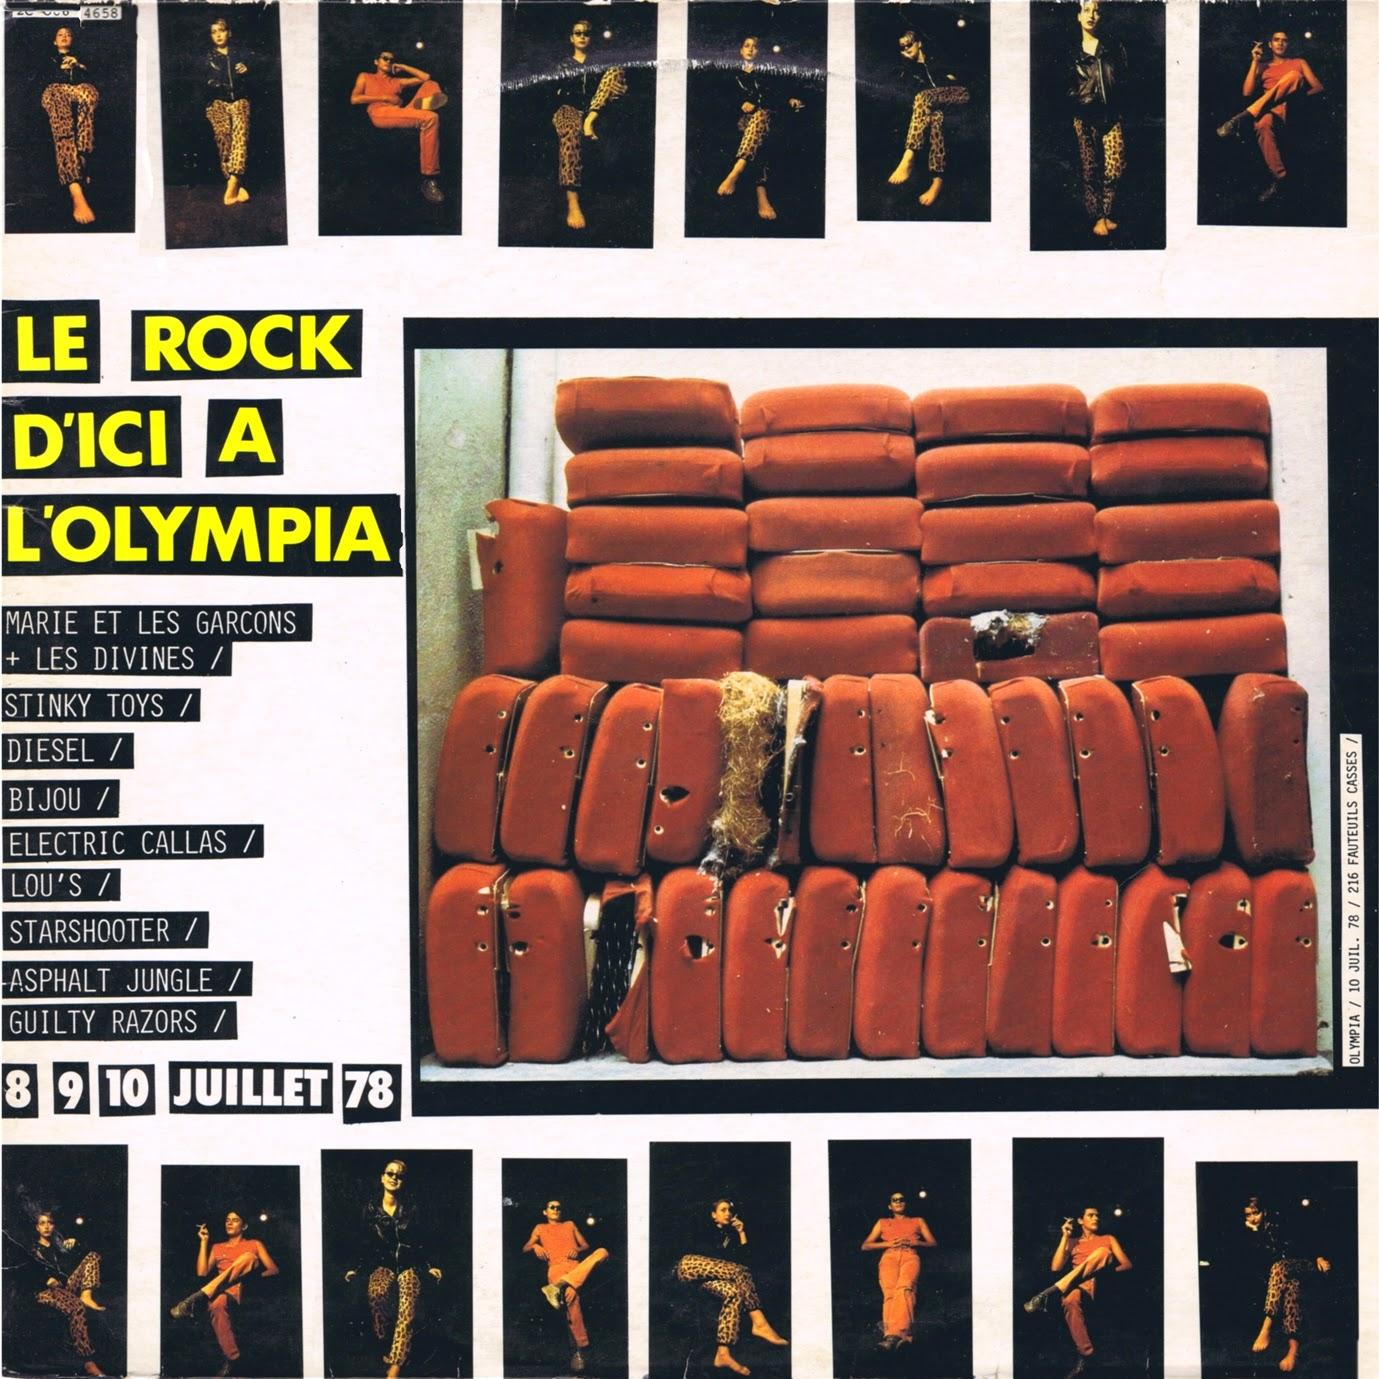 """Bidasoa Attak! – """"Le Rock d'ici a l'Olympia"""" bilduma eta Shitbone"""